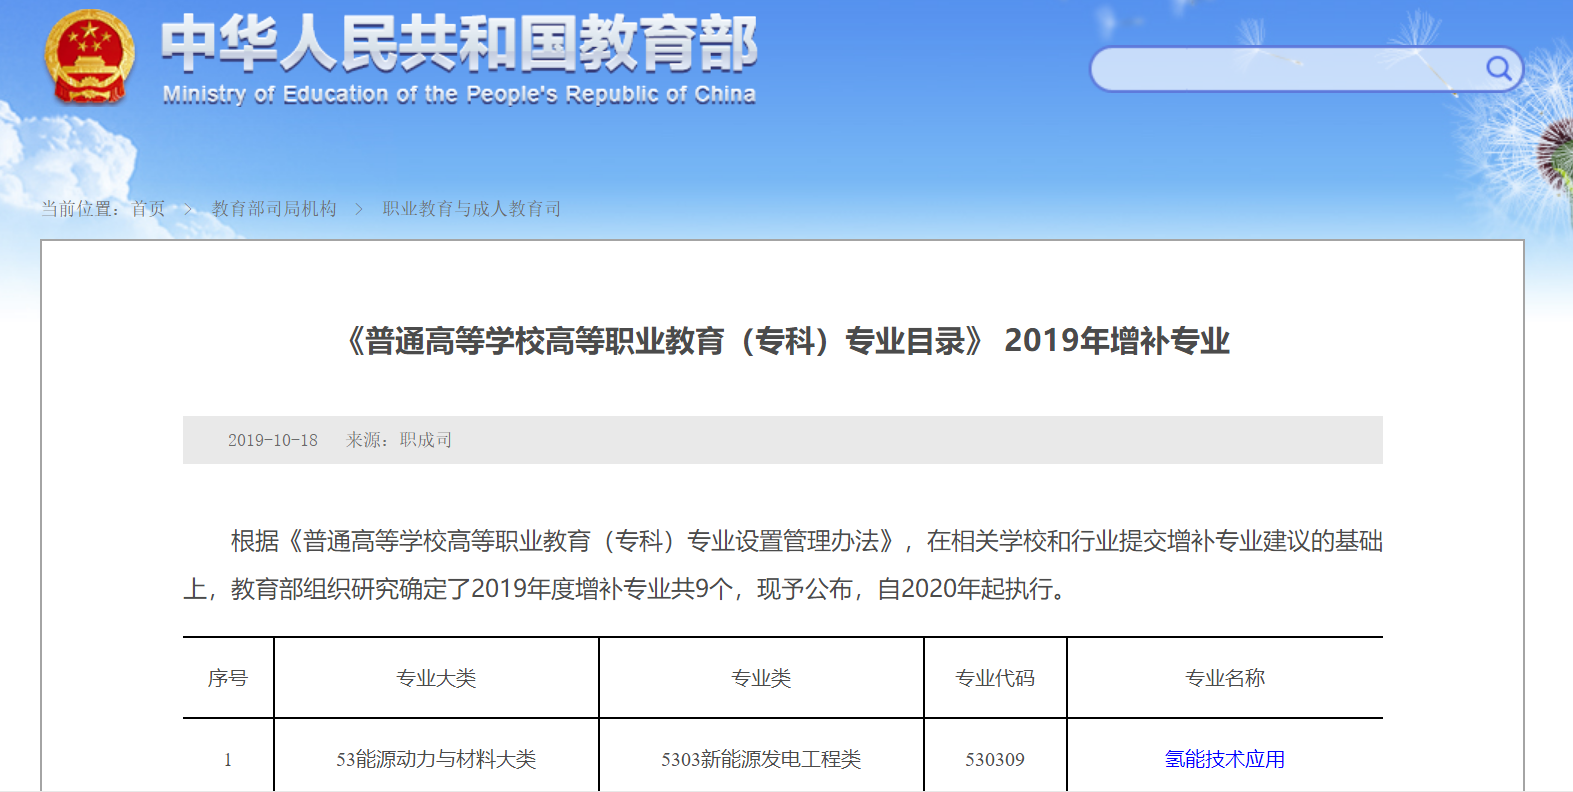 http://www.reviewcode.cn/yunweiguanli/94428.html